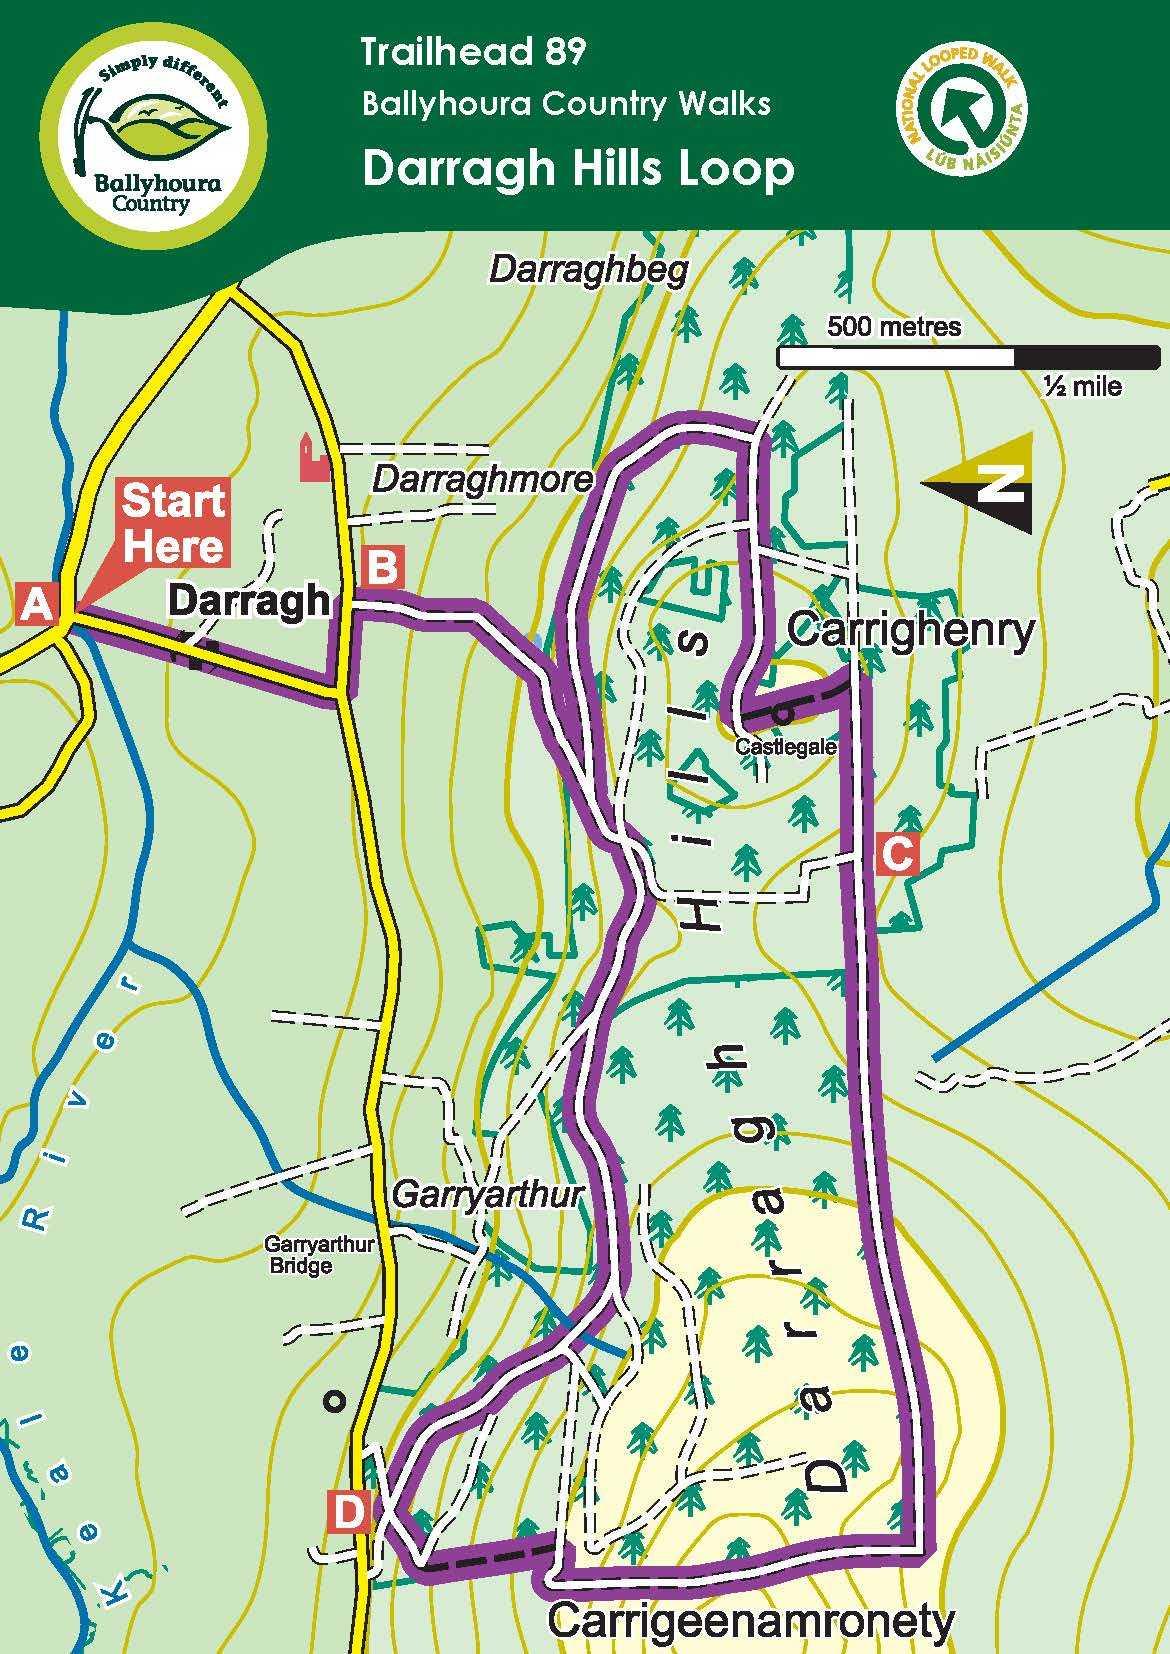 Darragh Hills T89 Page 1